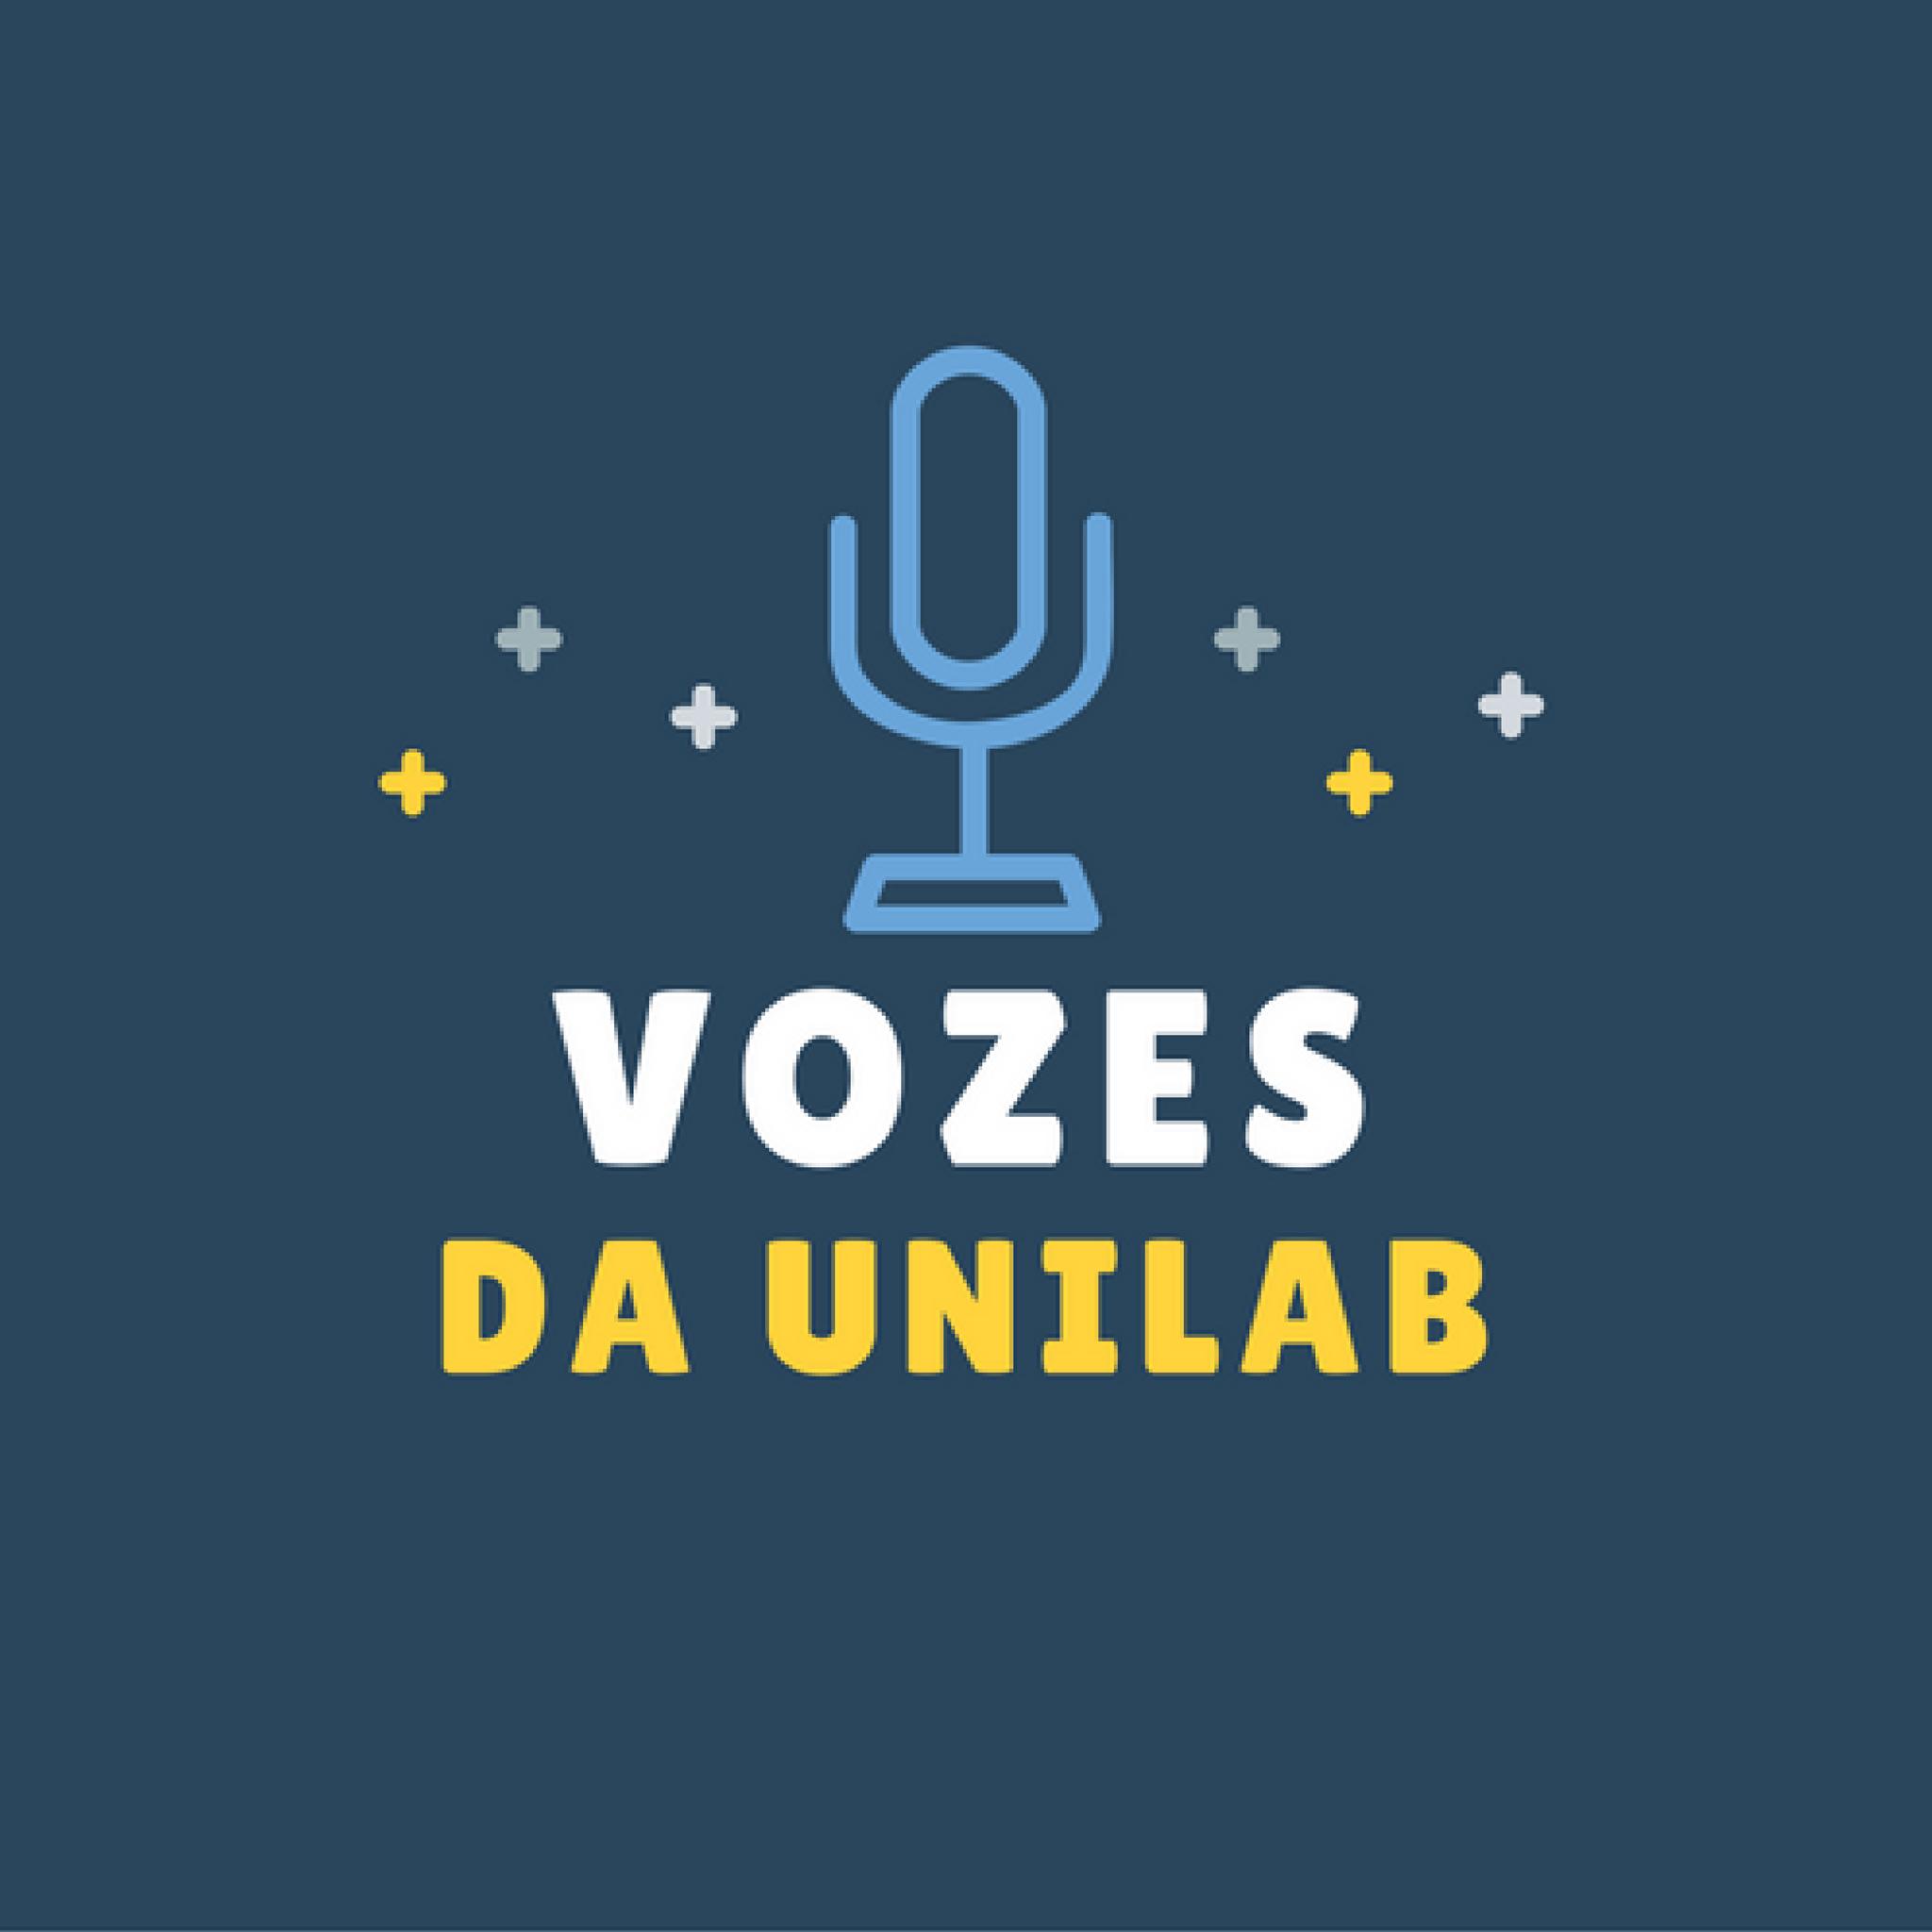 Vozes da UNILAB